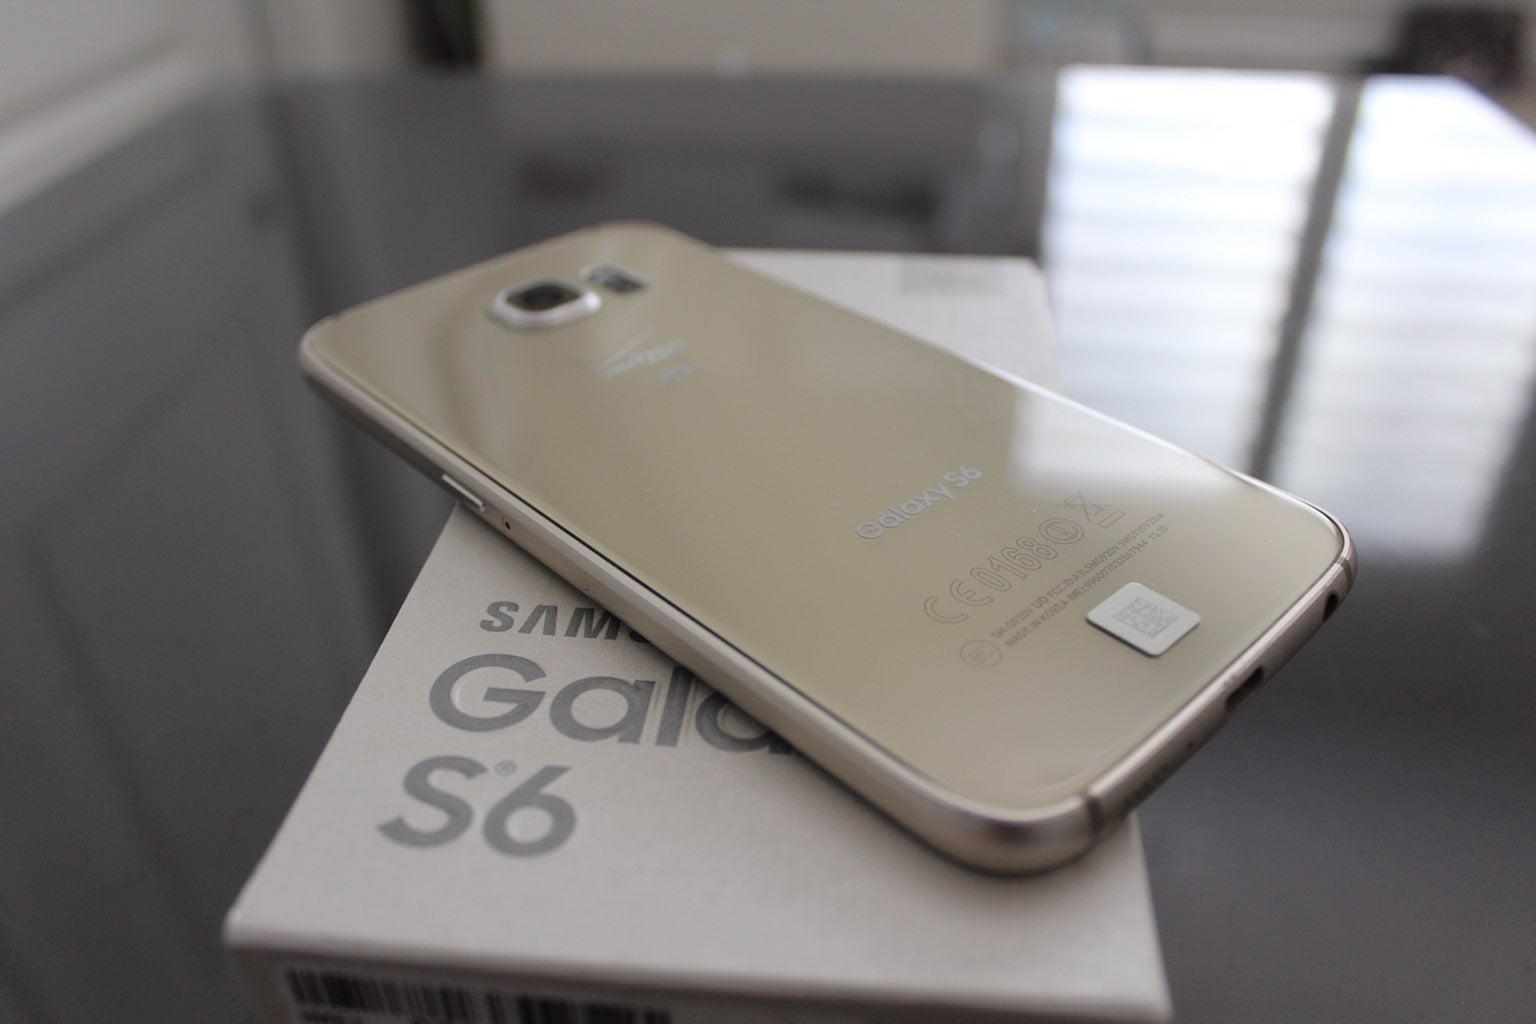 Gold Samsung Galaxy S6 Verizon 32GB Smar